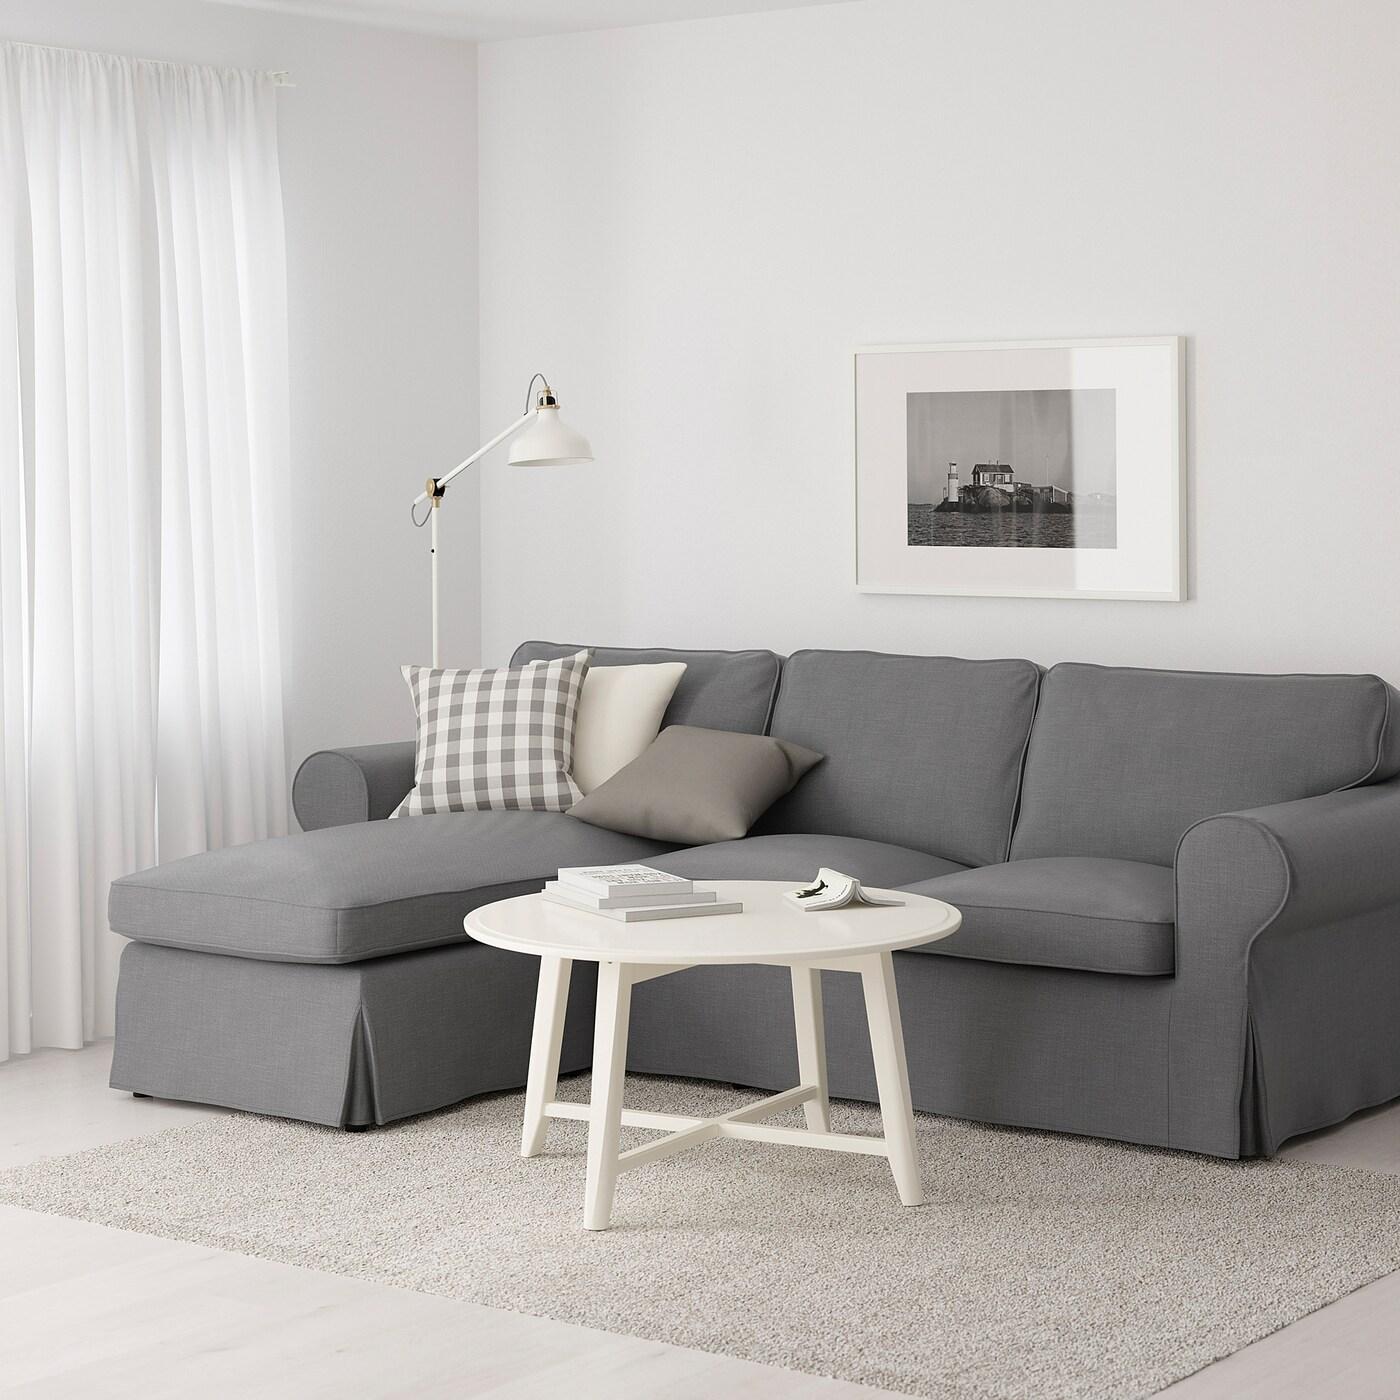 Ektorp 3er Sofa Mit Recamiere Nordvalla Dunkelgrau Ikea Deutschland